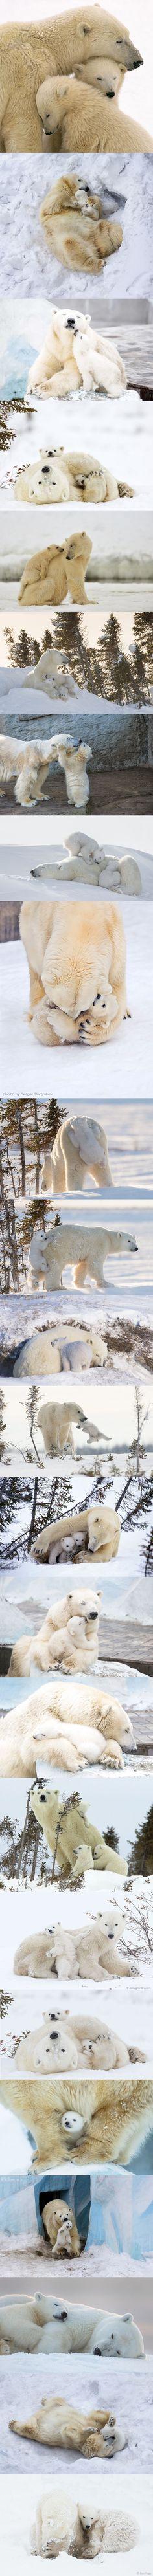 Maman ours polaire et ses petits                                                                                                                                                                                 Plus